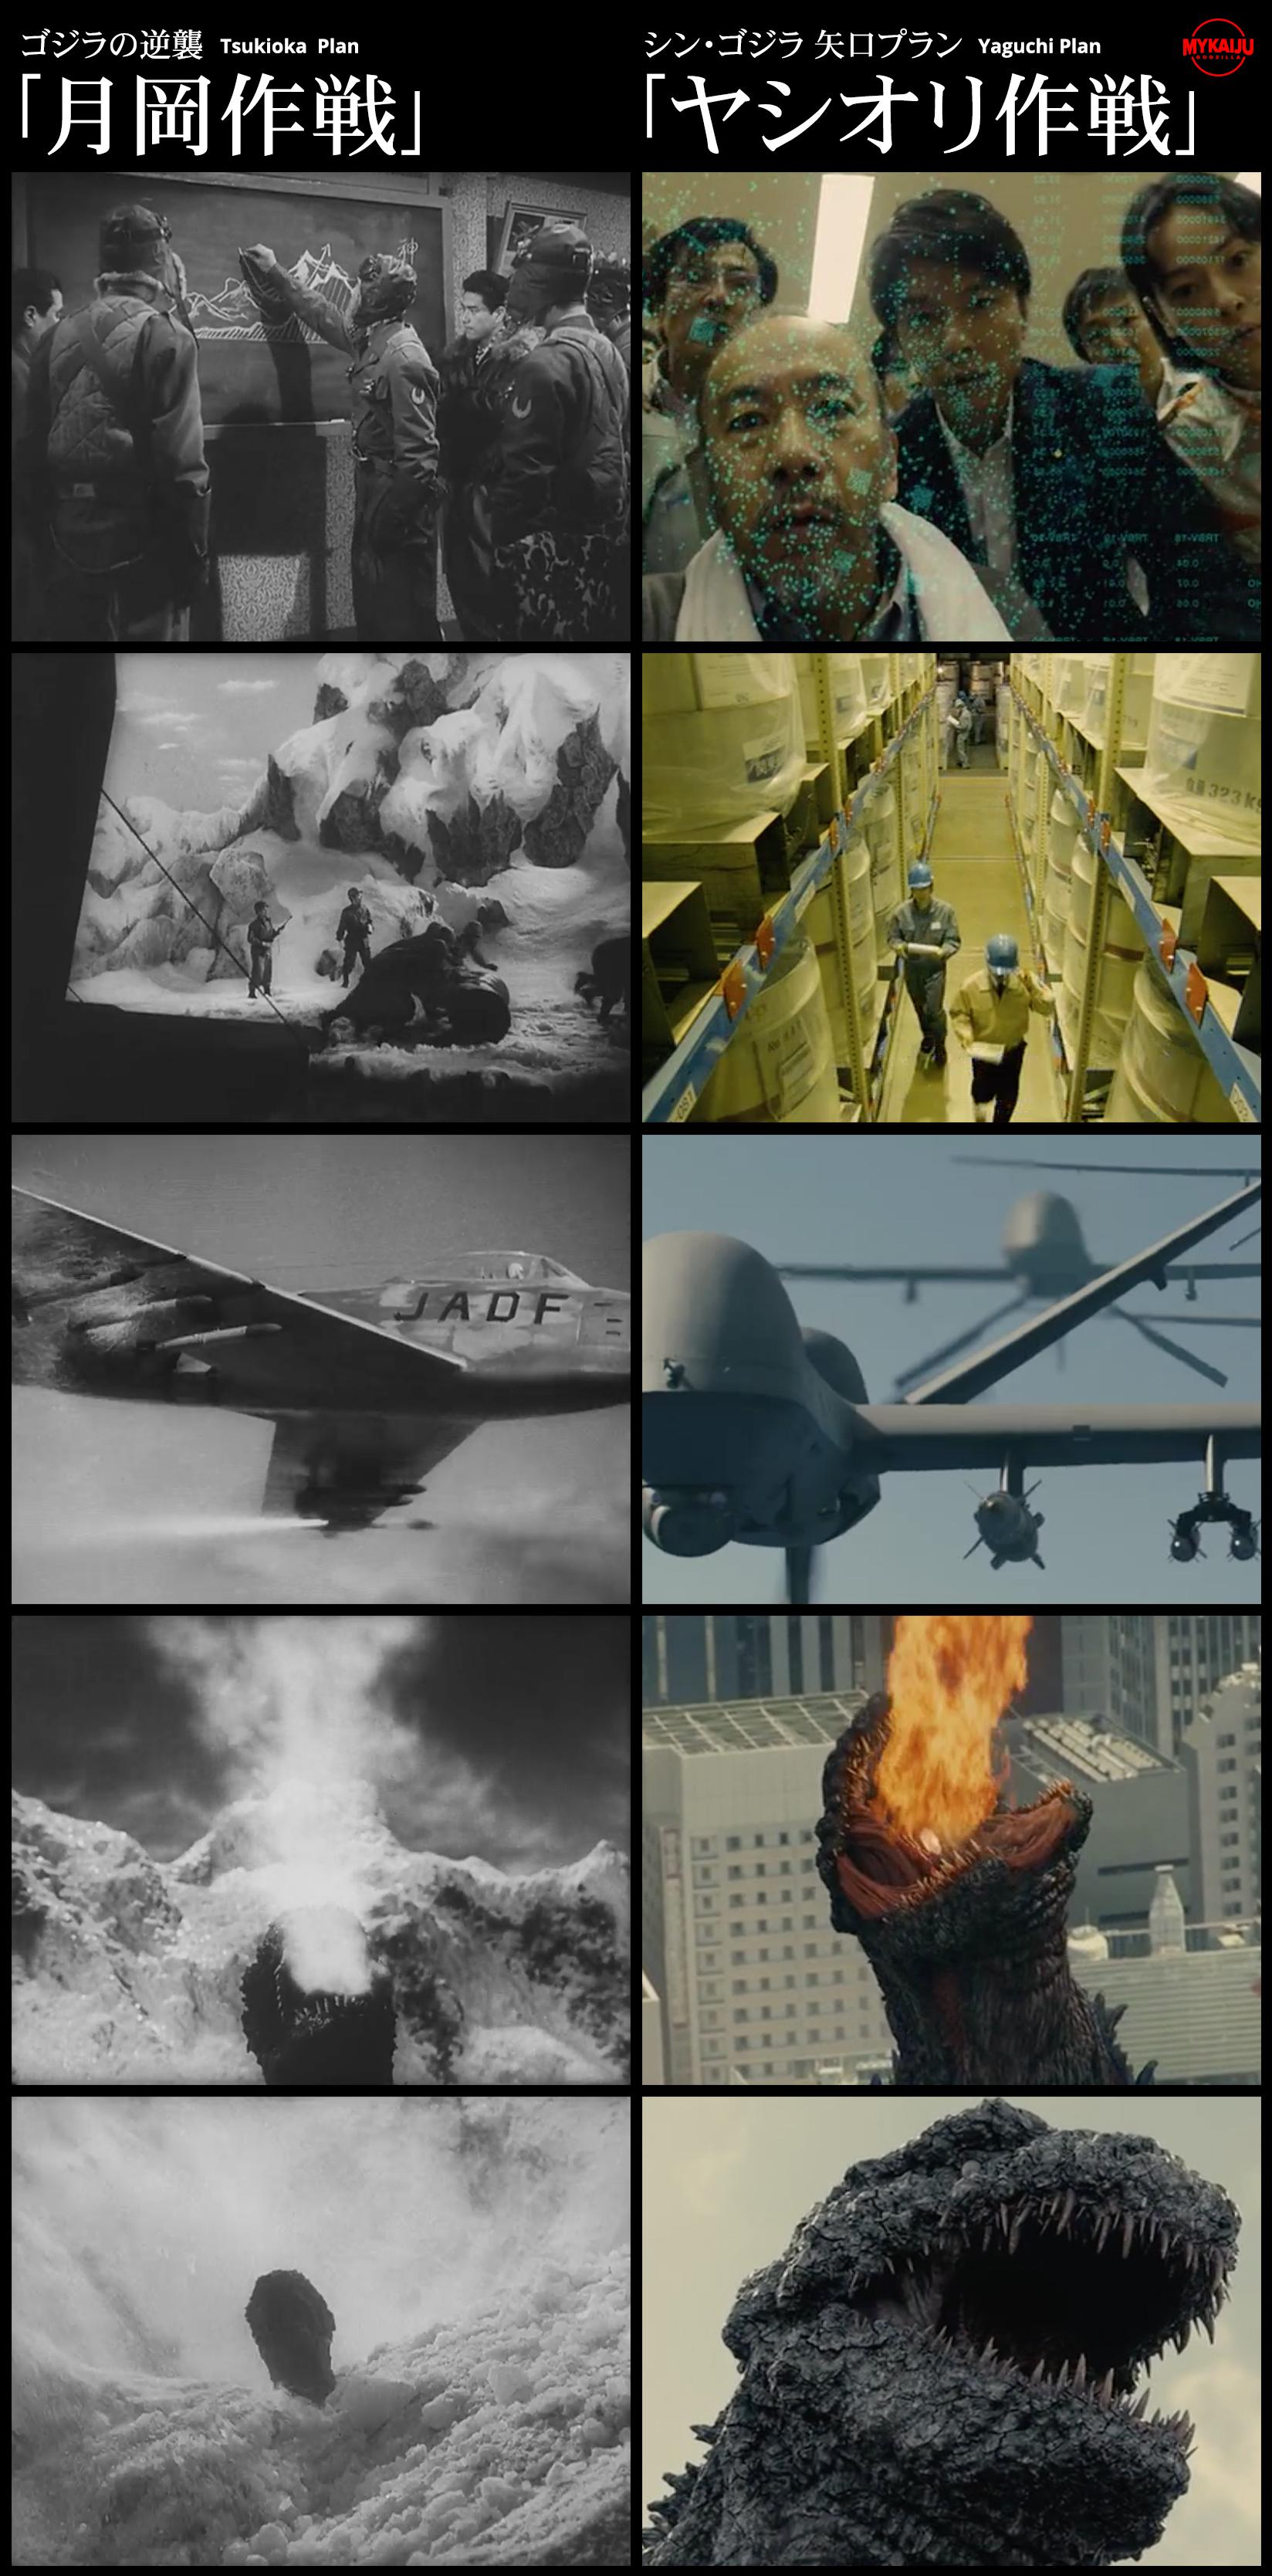 Godzilla 1955 and Godzilla 2016 Plans